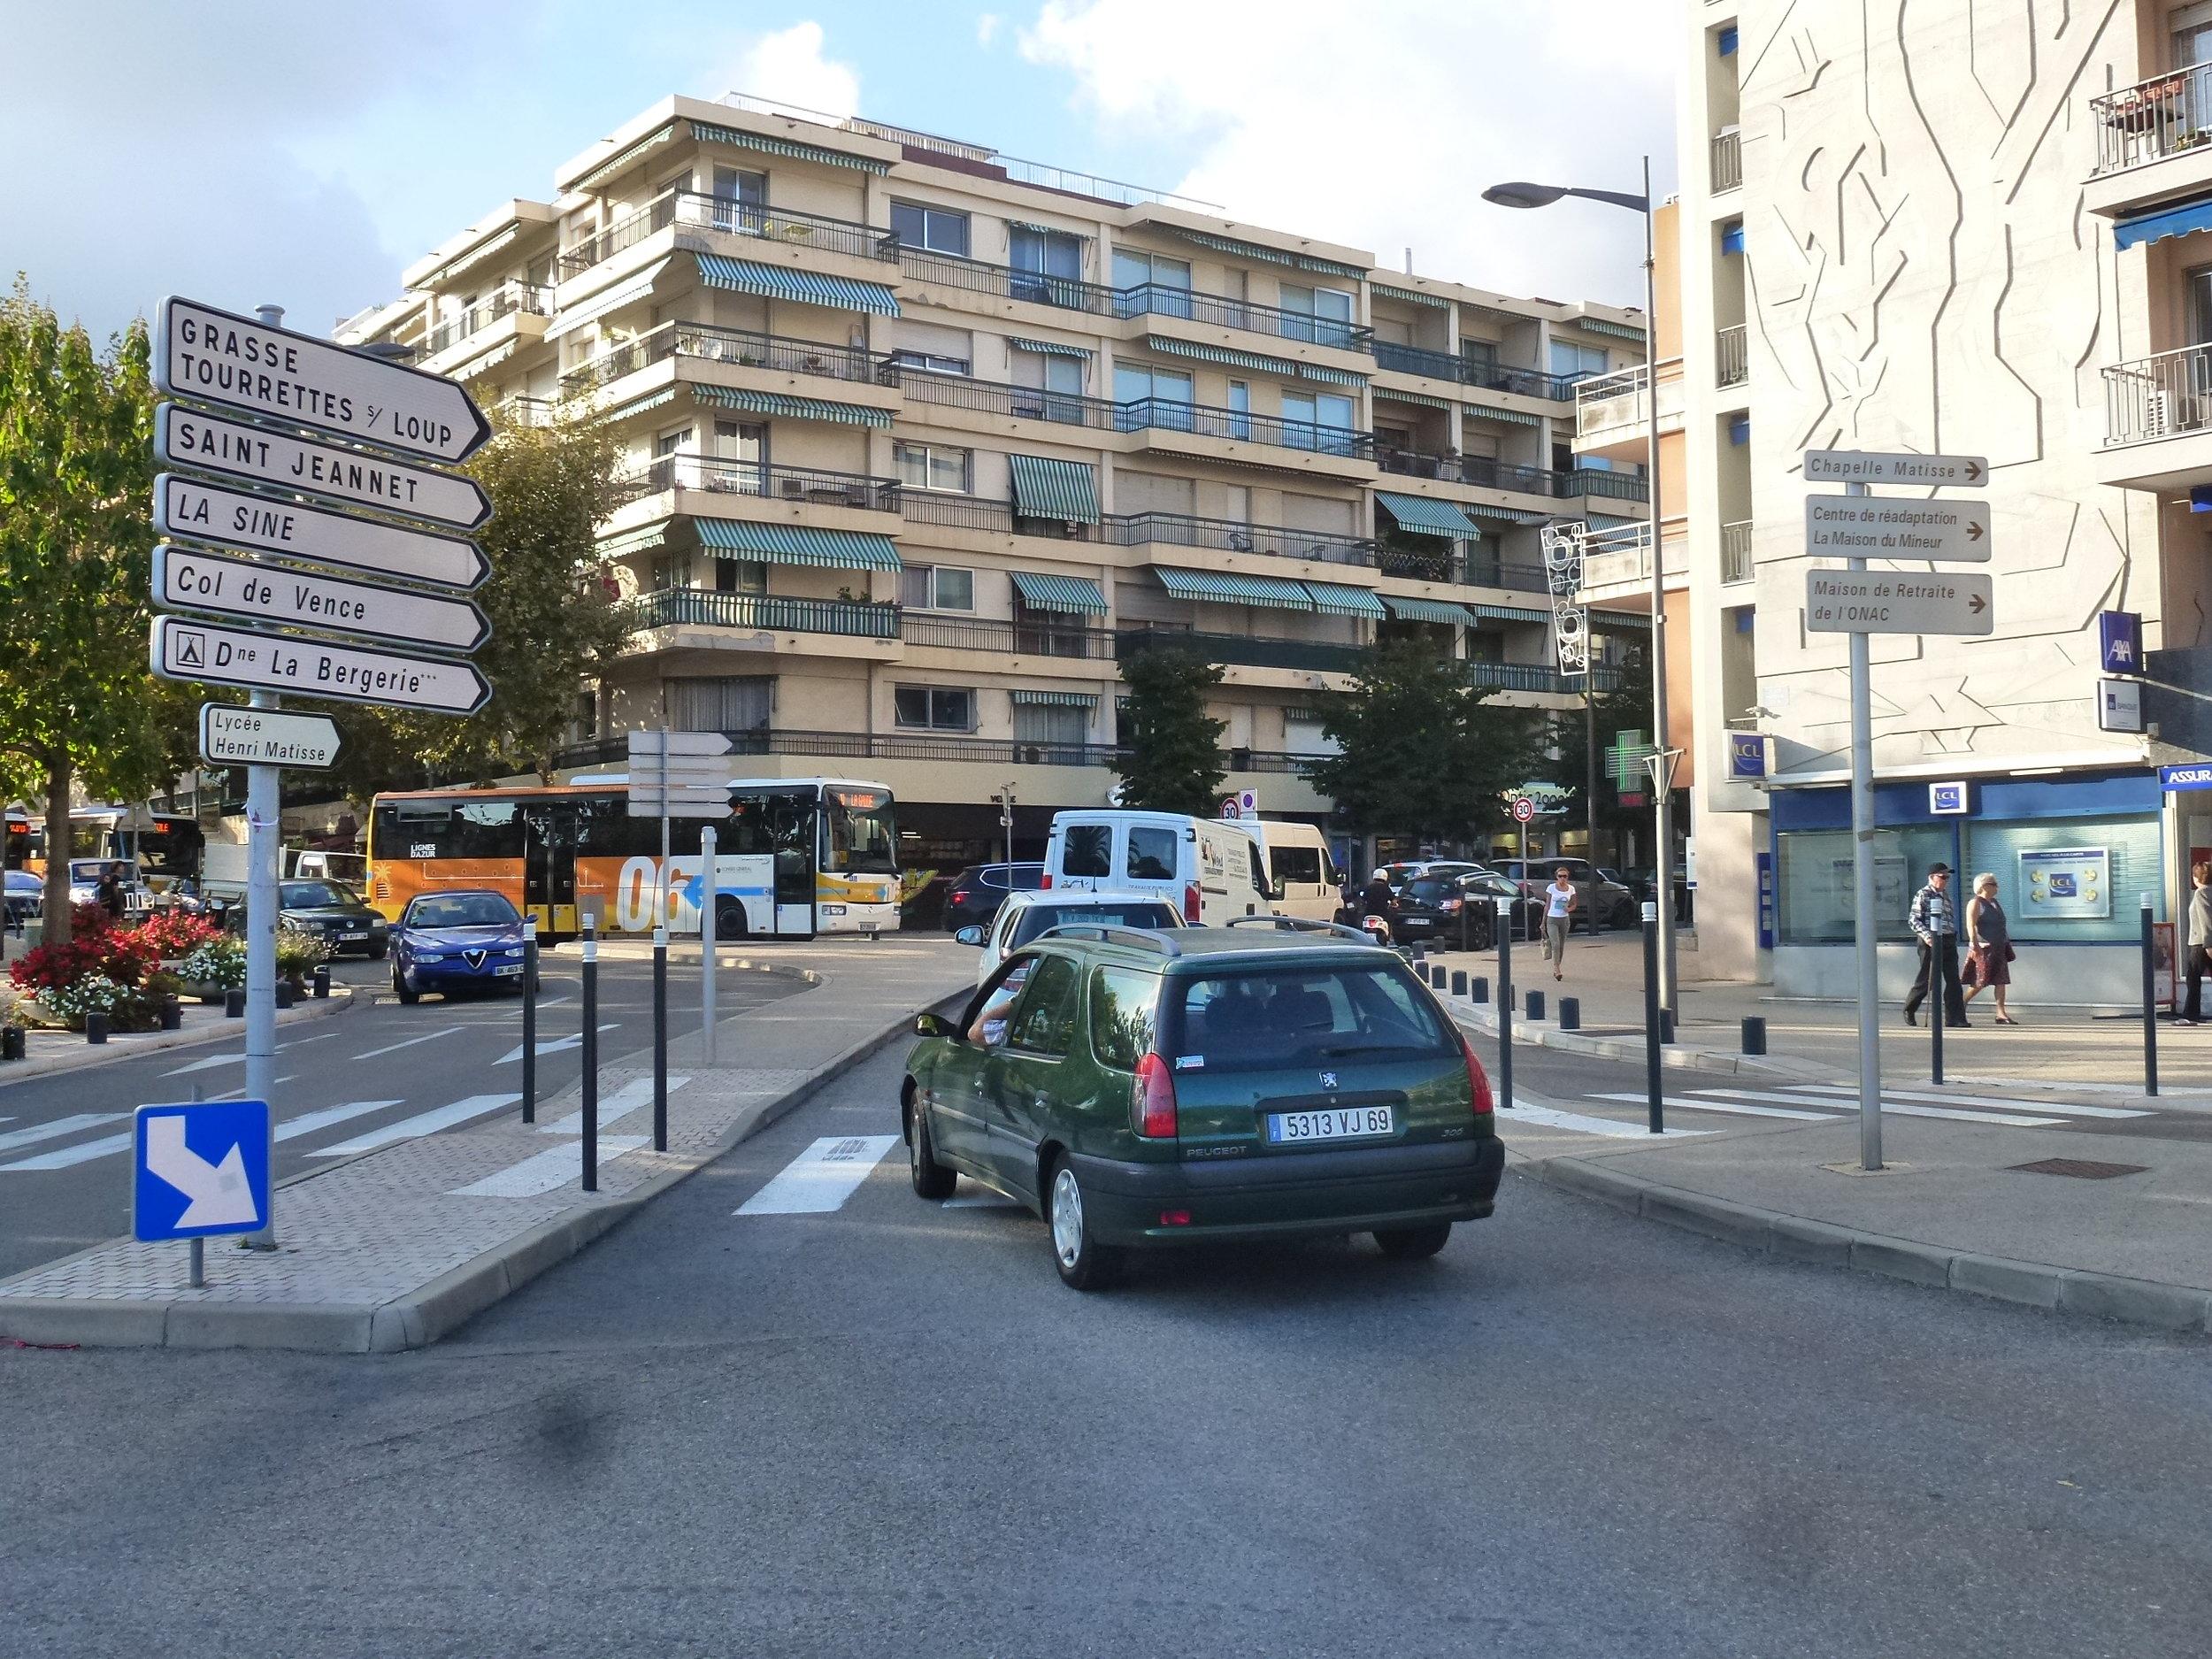 4) prendre au panneau, Grasse, Tourettes, Col-de-Vence, Château Saint Martin. On passe devant la poste à 100m à gauche. - Follow the road sign